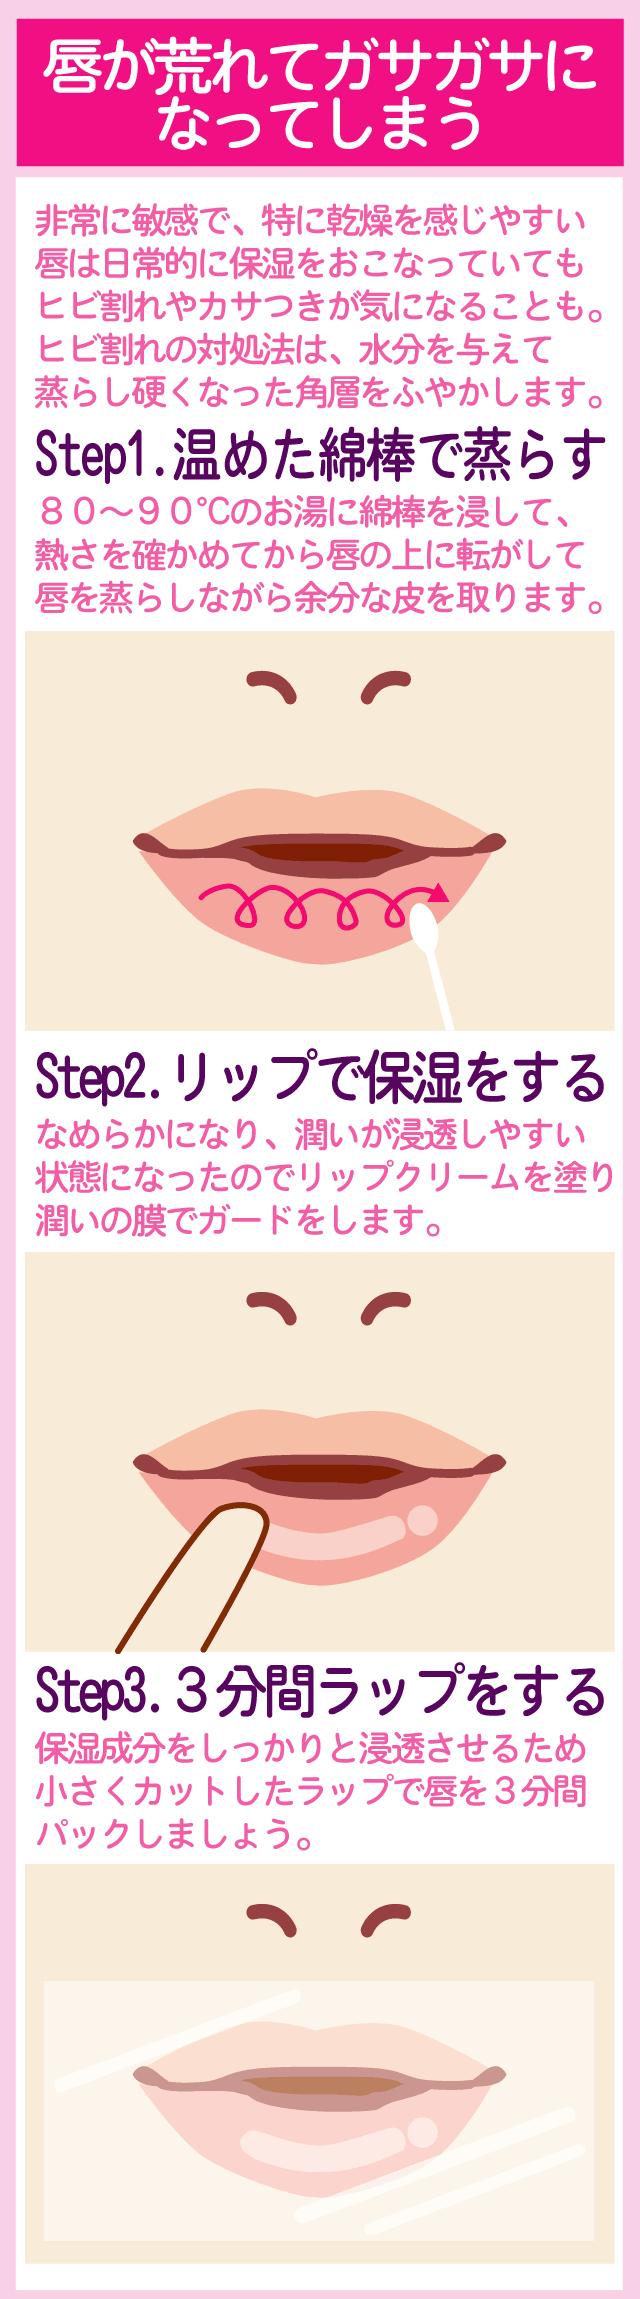 荒れた唇を素早く治すスペシャルケアテクニック